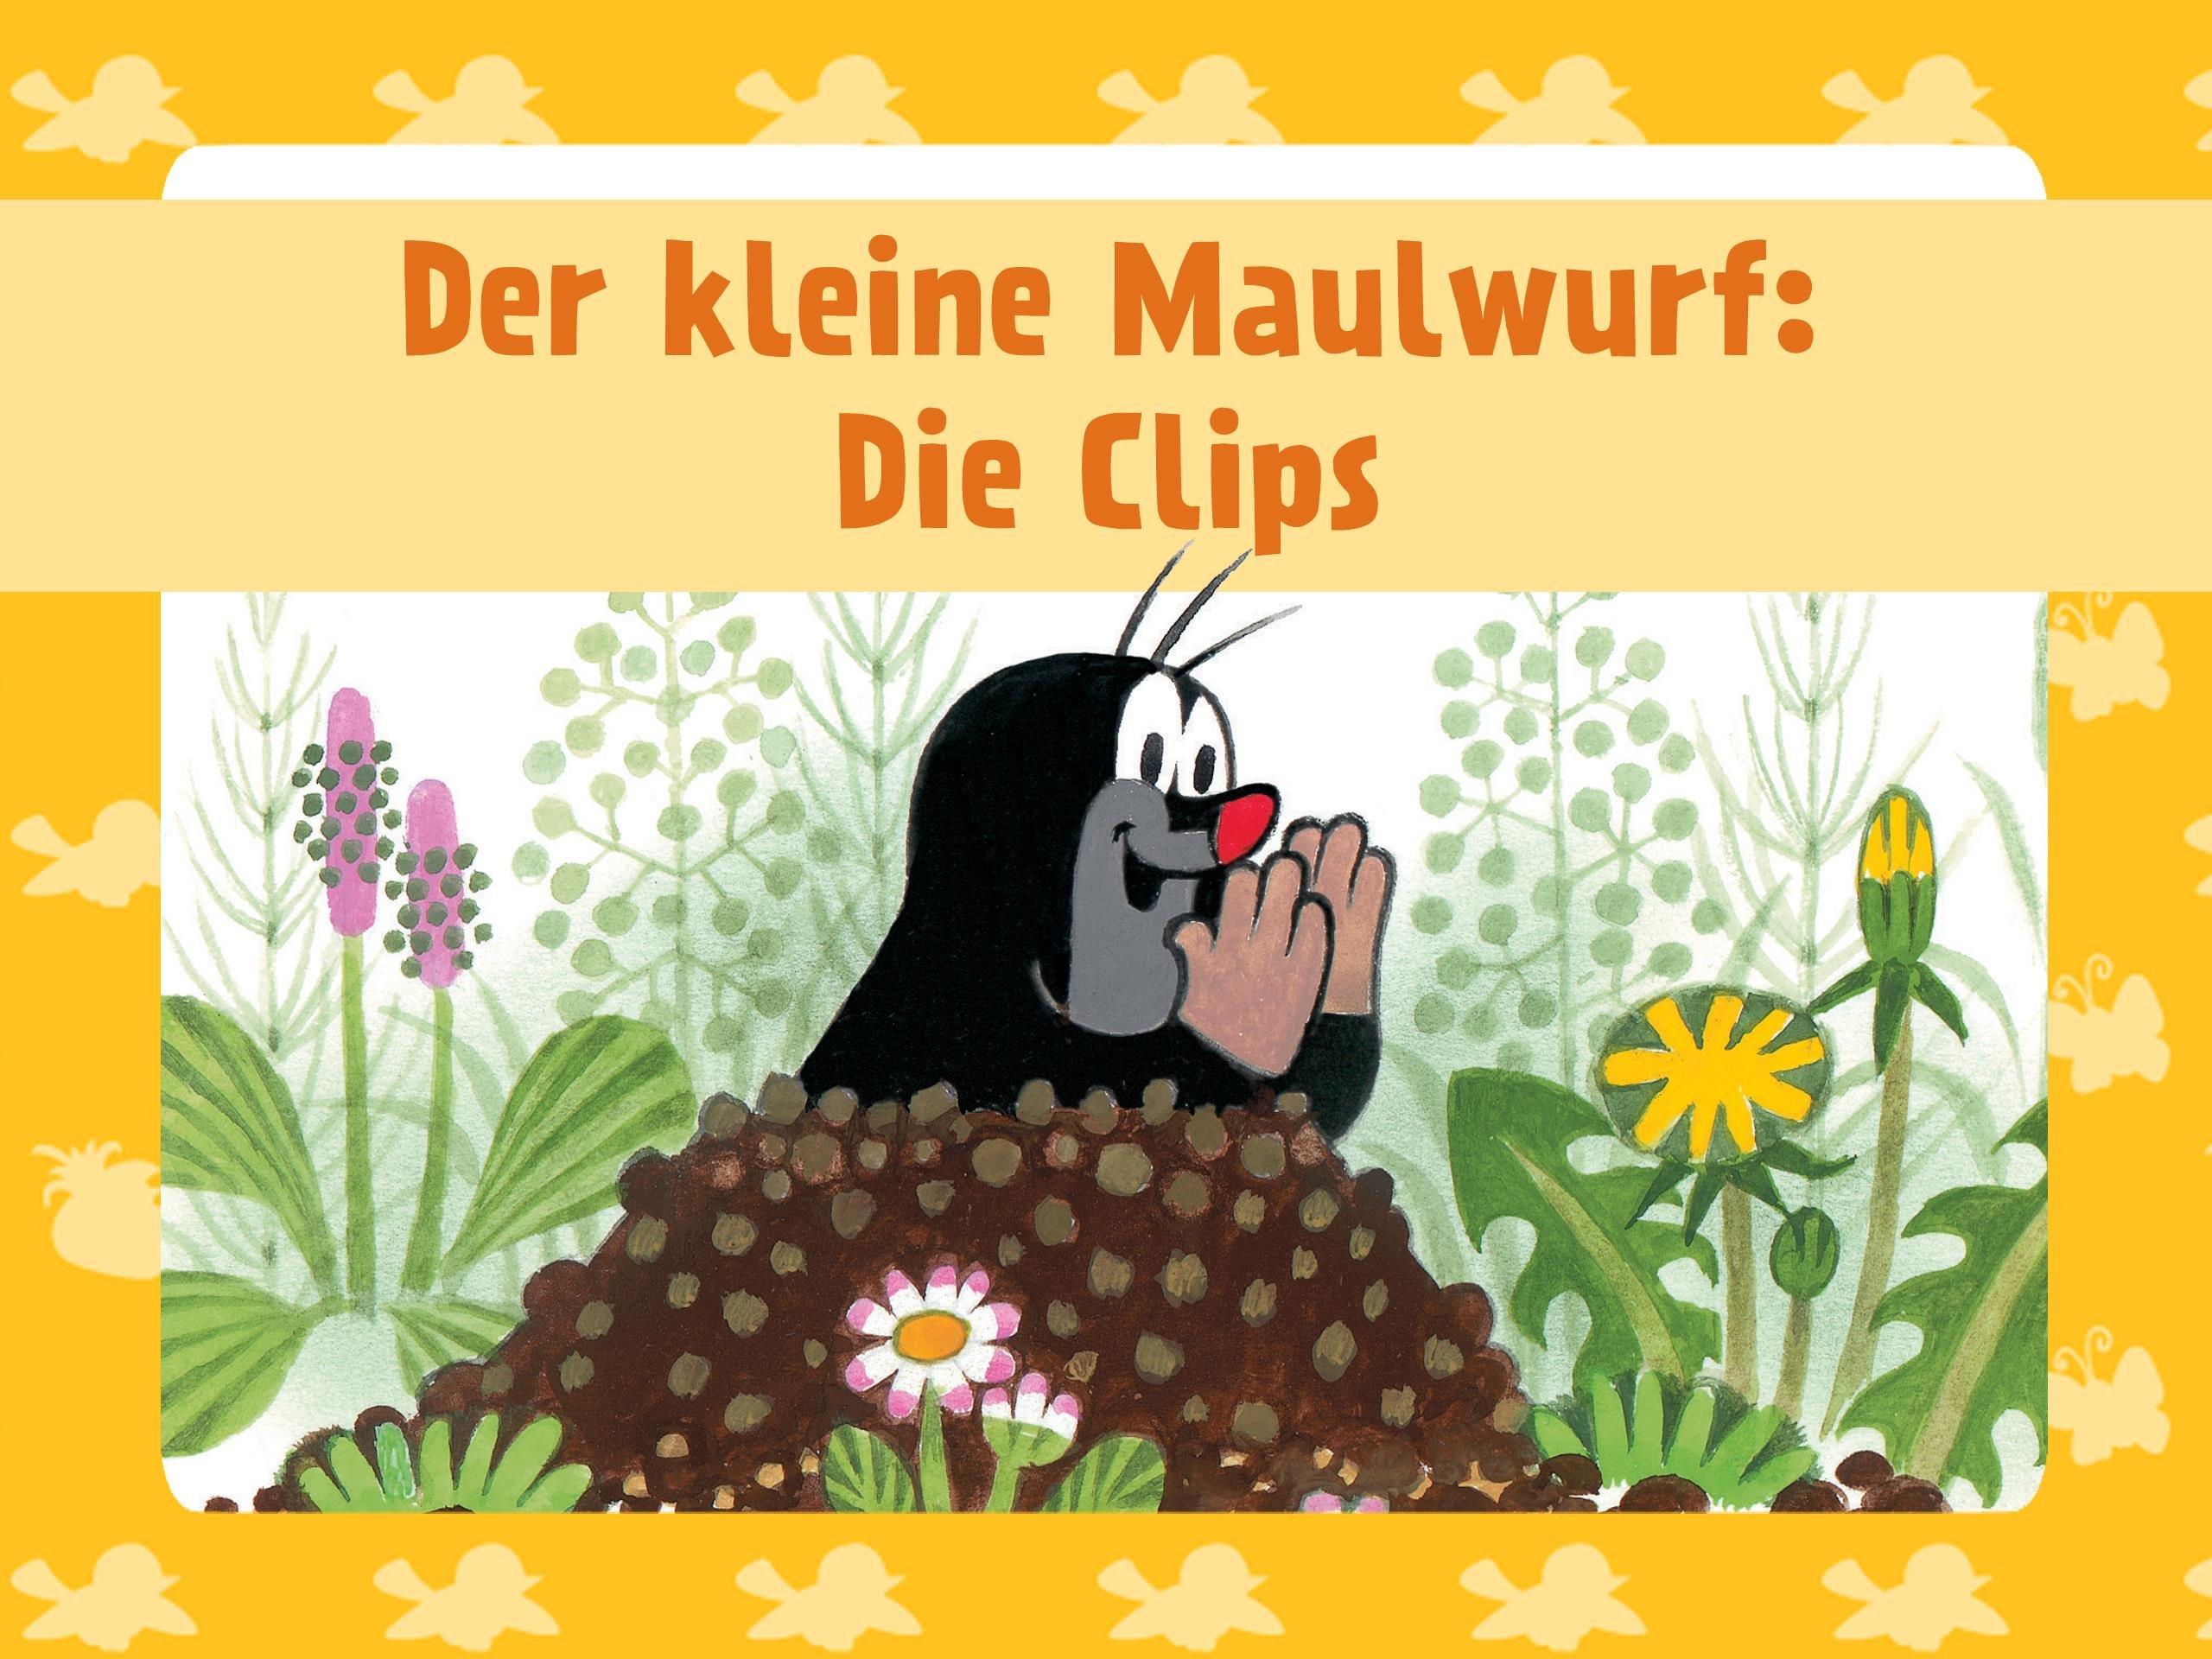 Amazon.de: Der kleine Maulwurf - die Clips ansehen | Prime Video